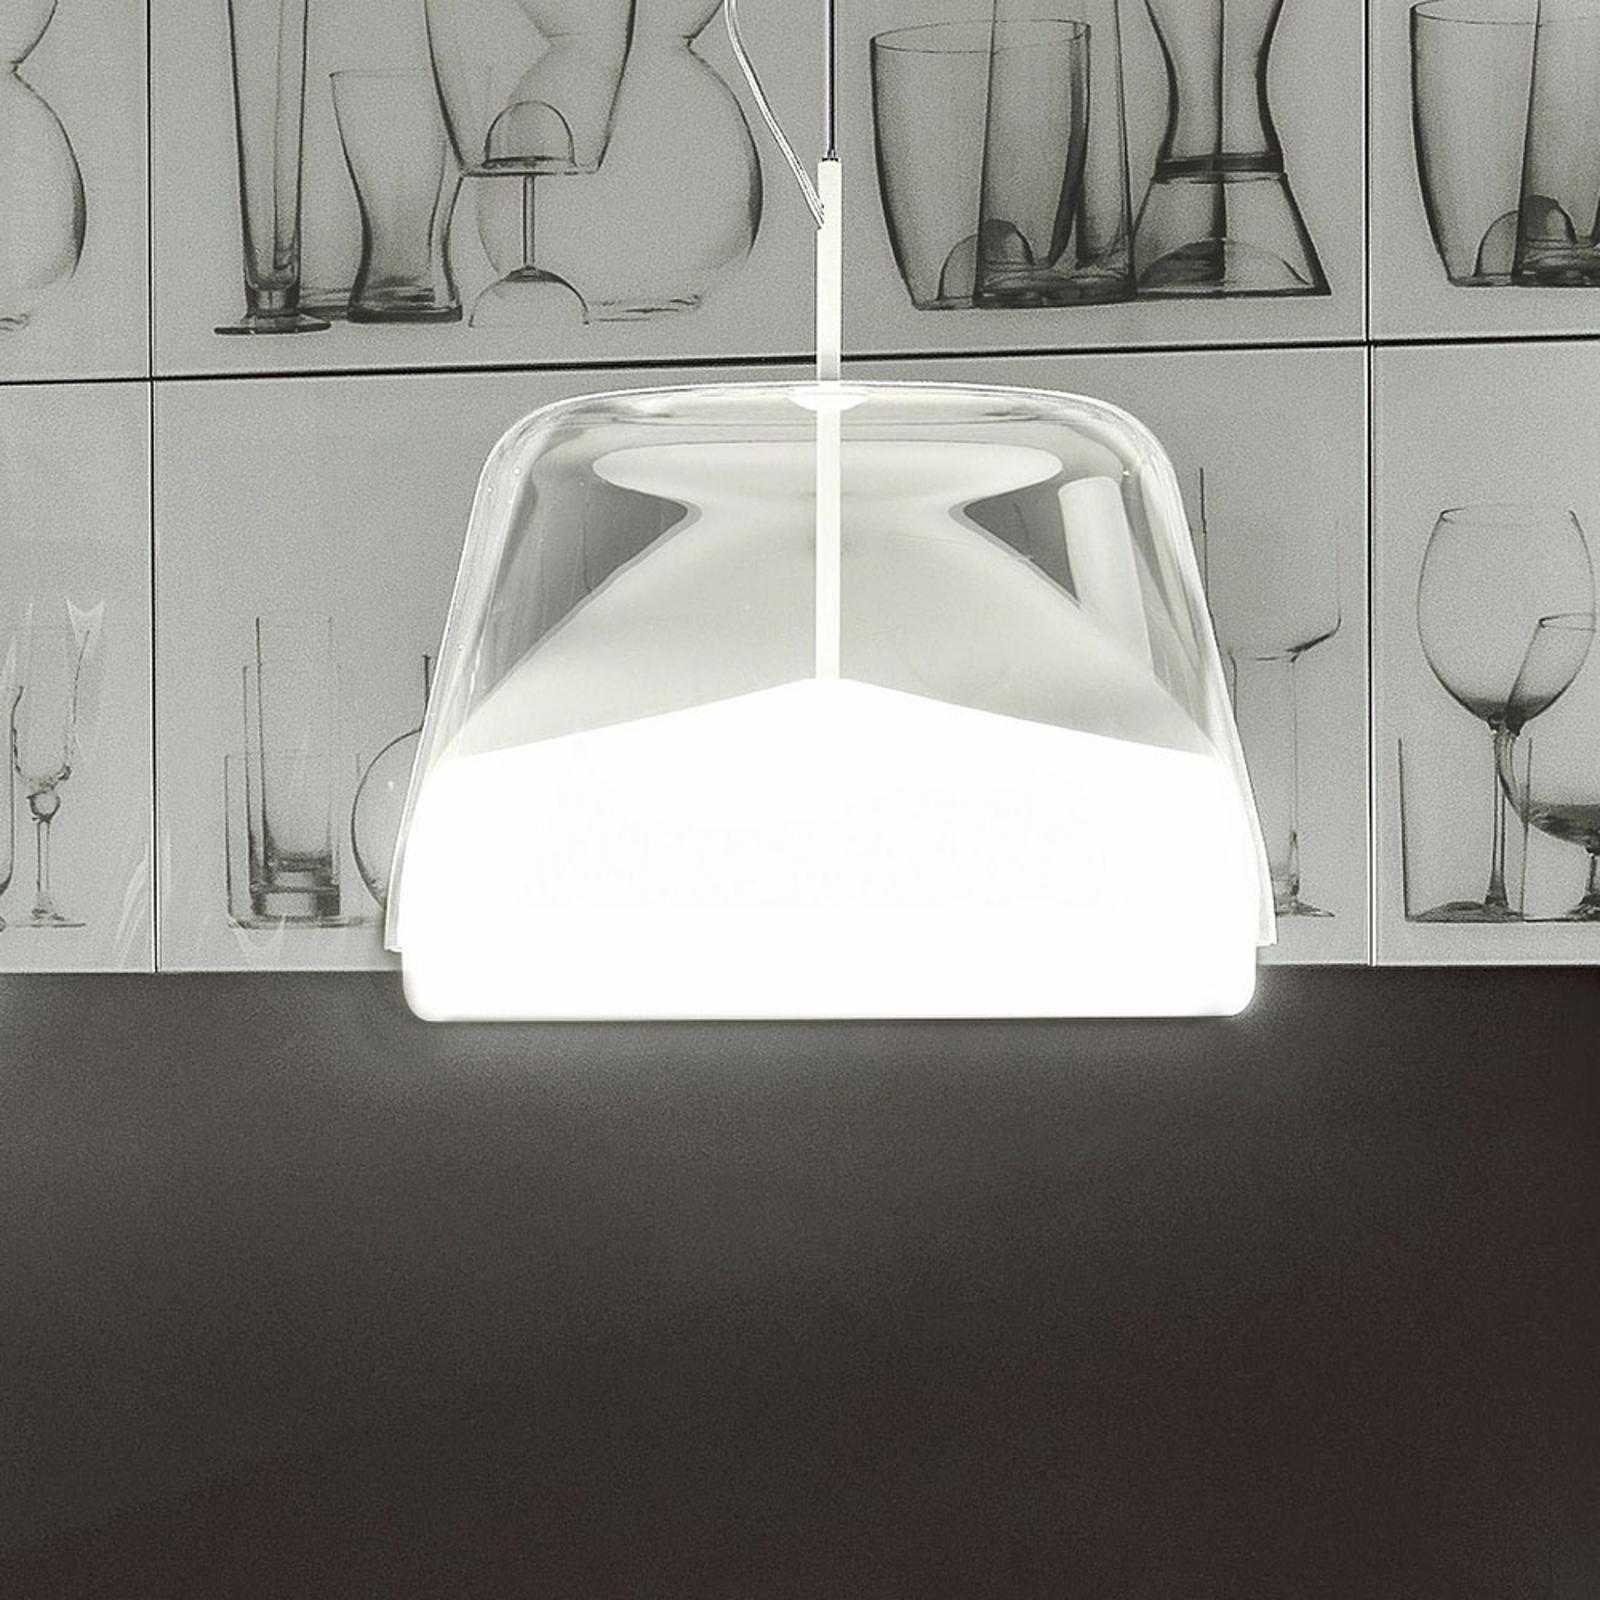 Prandina La Belle S5 hængelampe, hvid